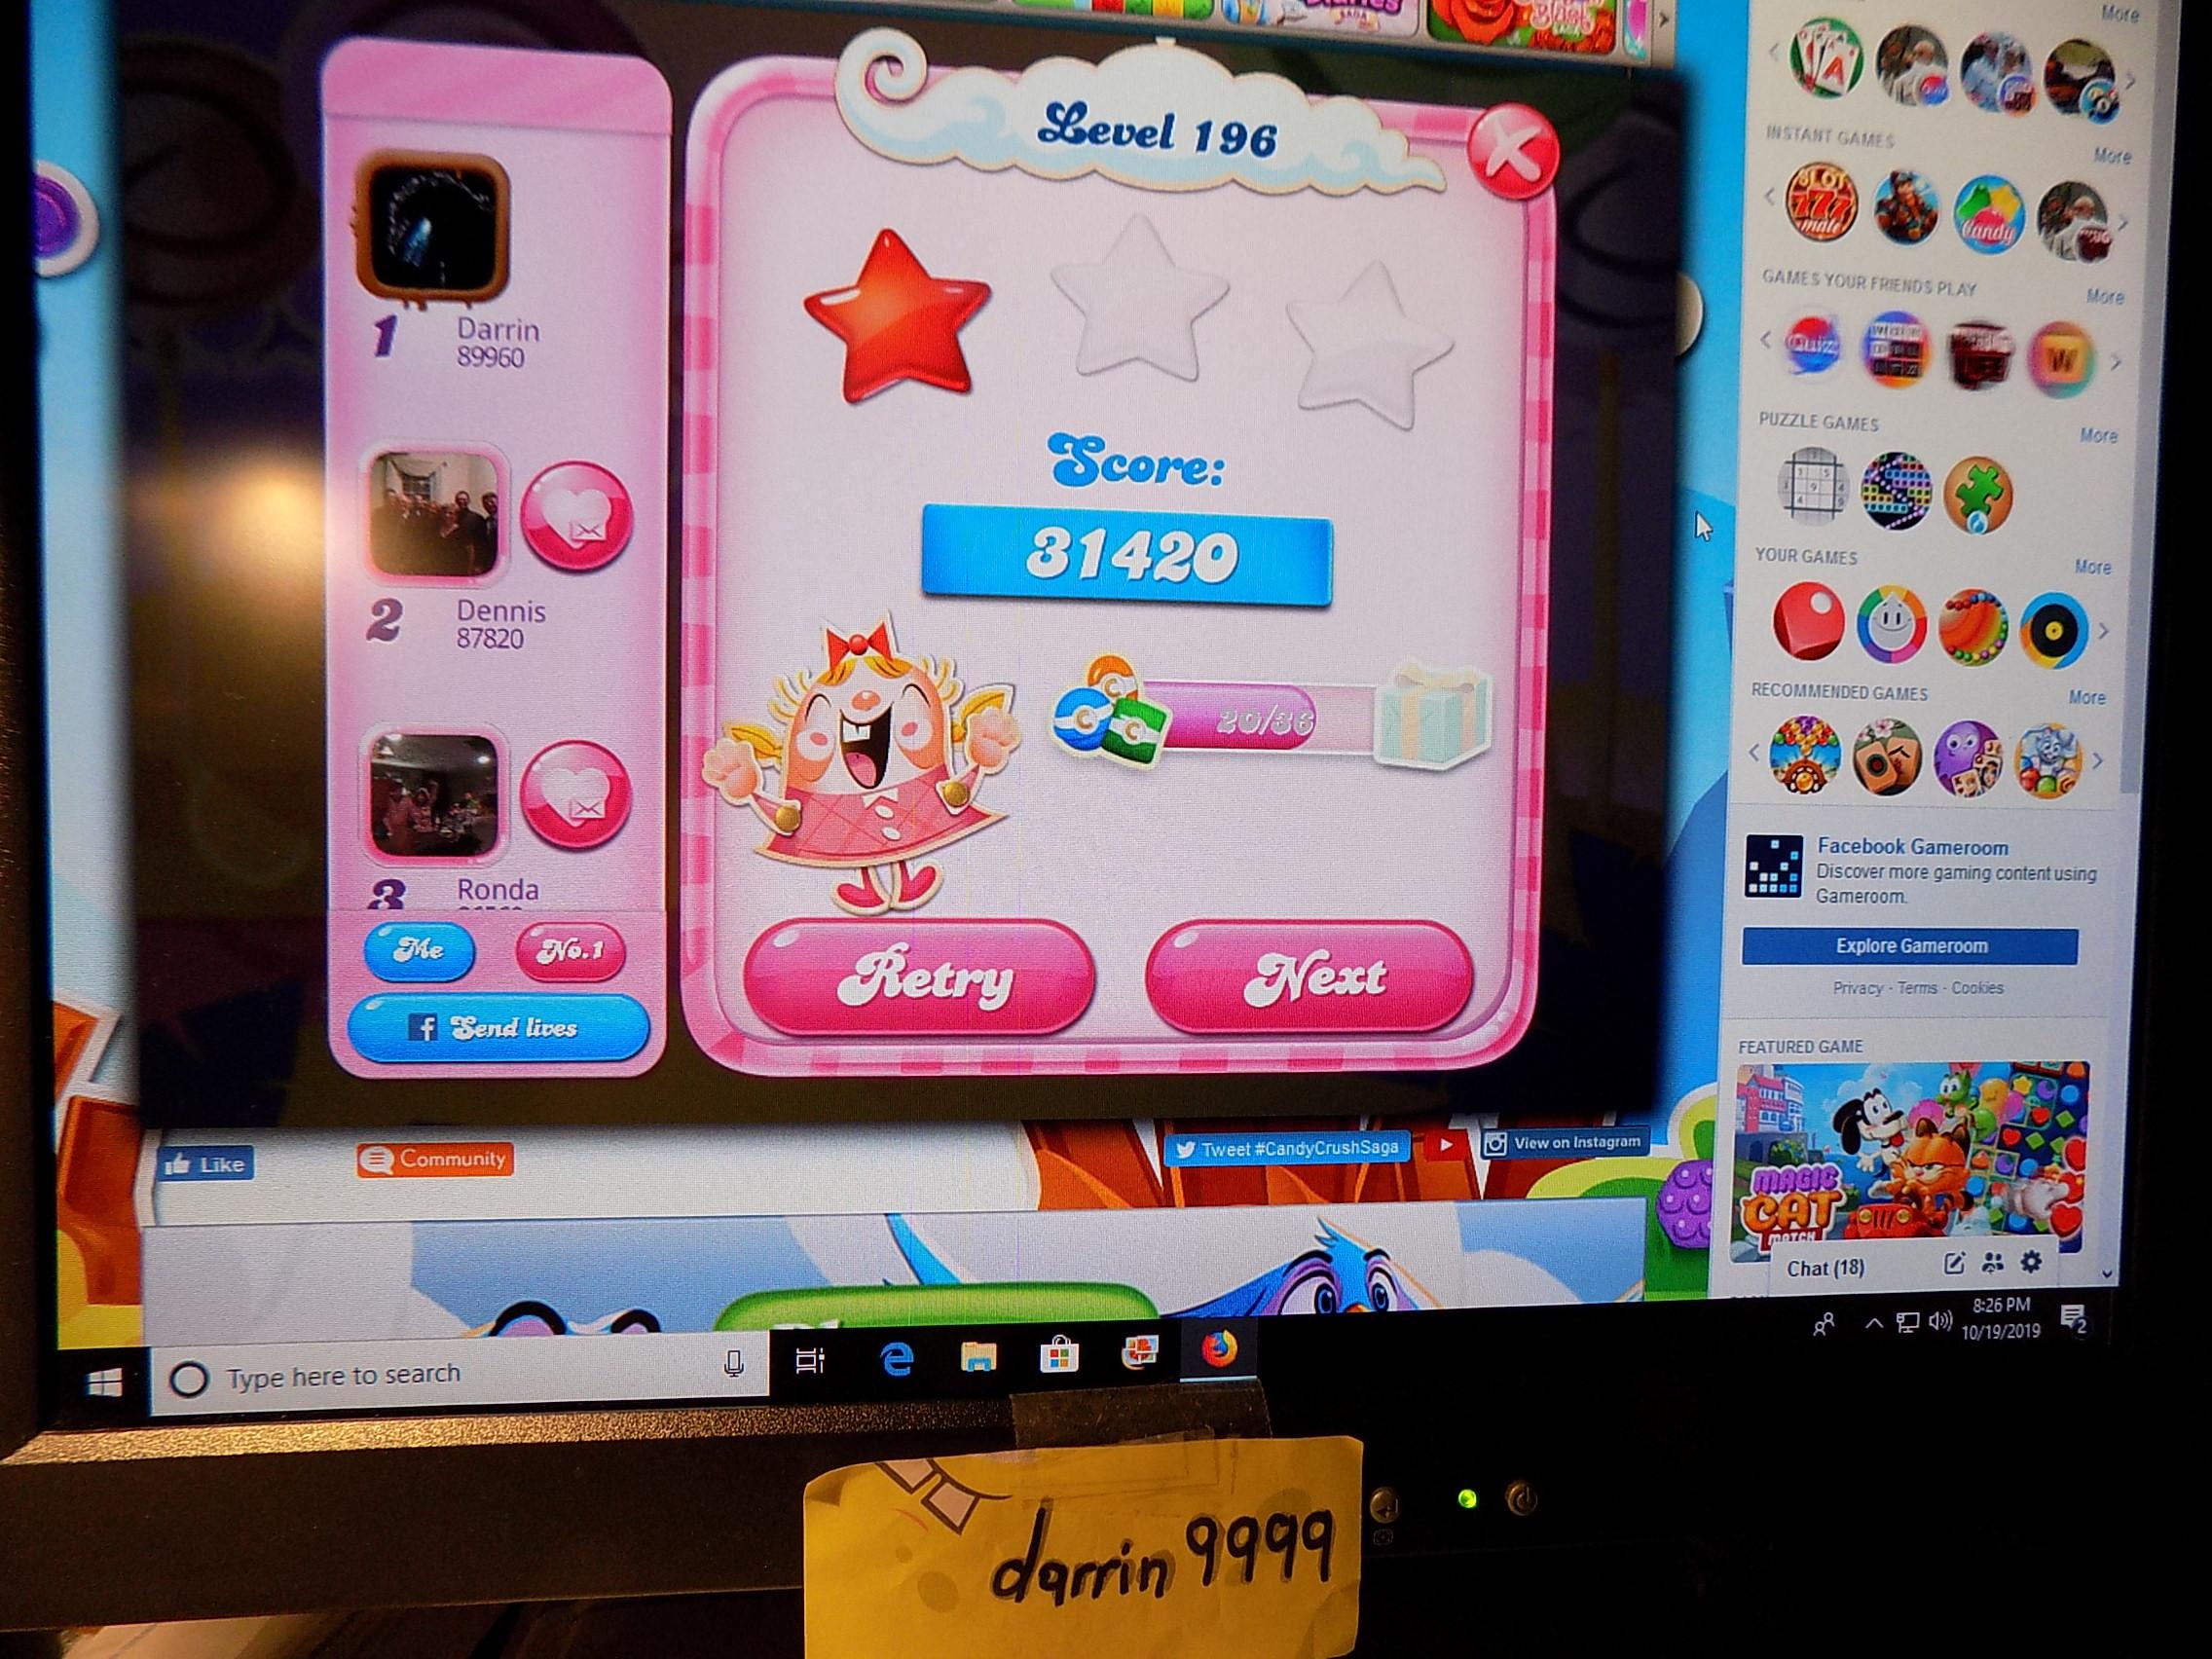 darrin9999: Candy Crush Saga: Level 196 (Web) 31,420 points on 2019-10-26 14:15:18